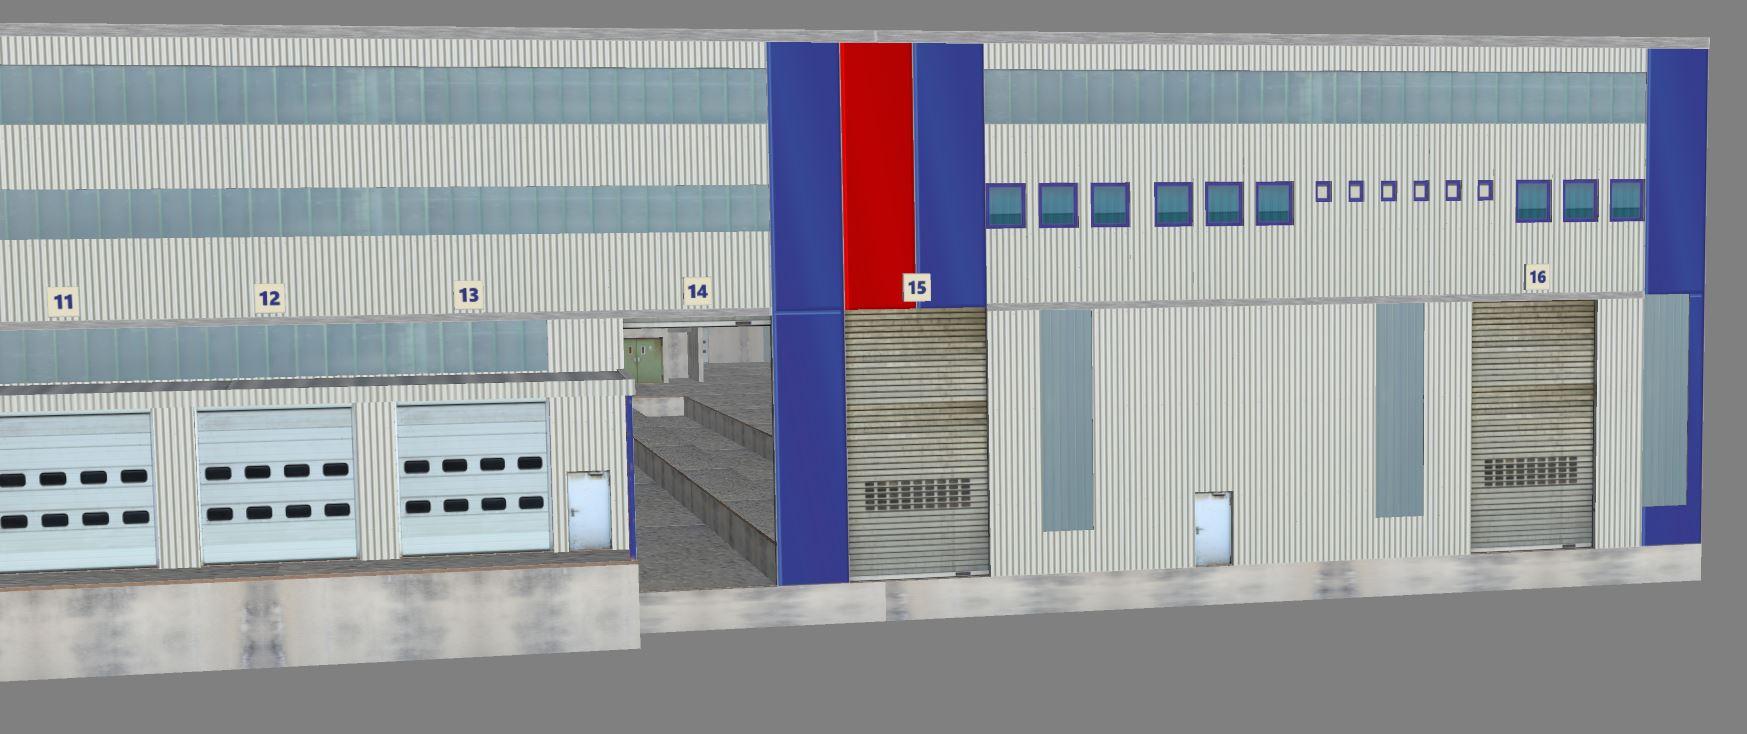 2017-02-20_Industriekomplex01_Bild_12.jpg